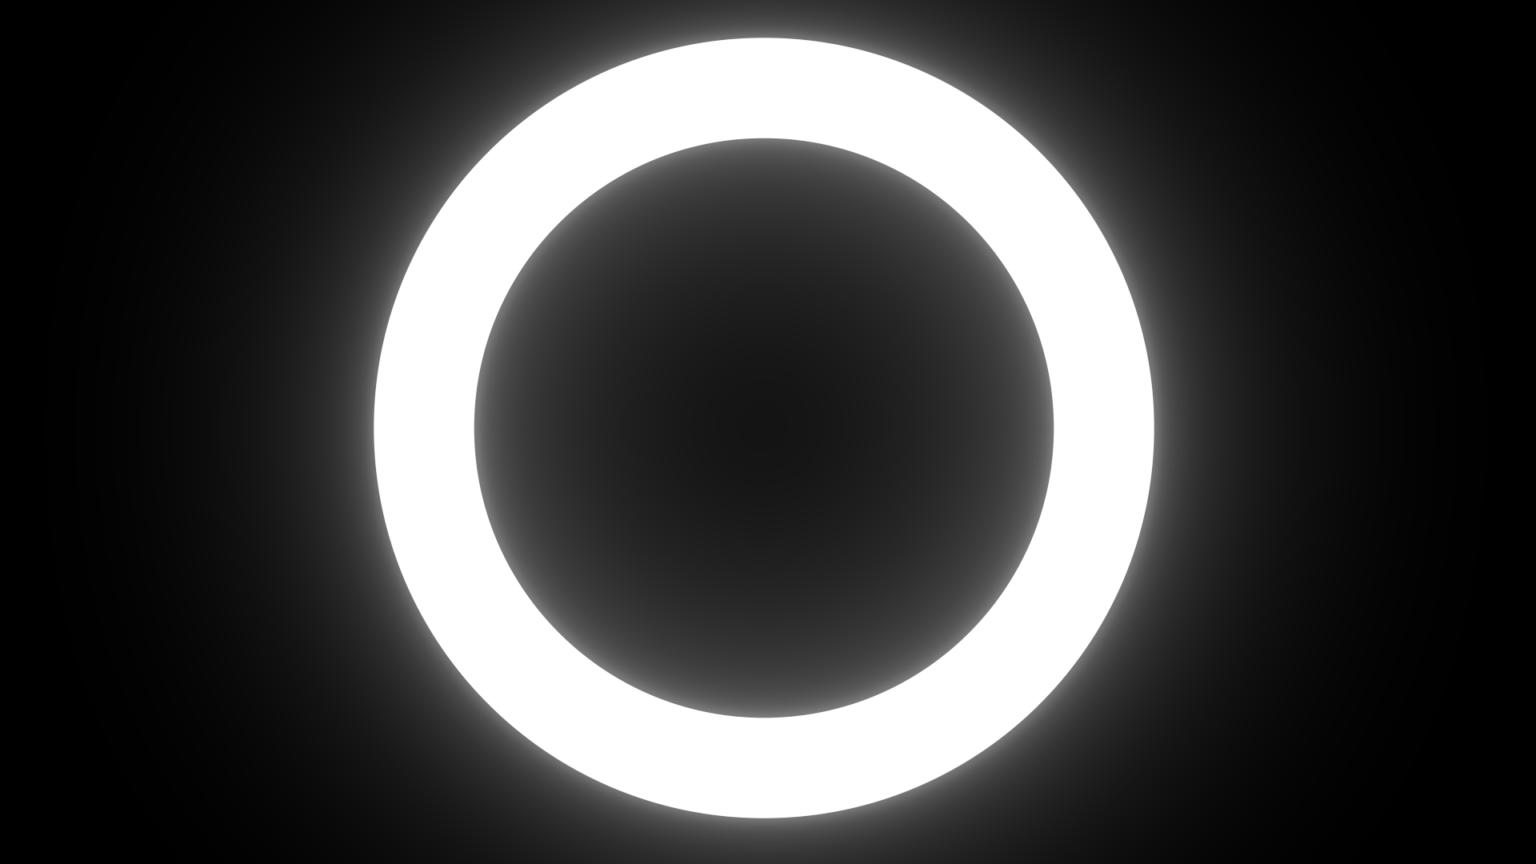 White Ring Light Png